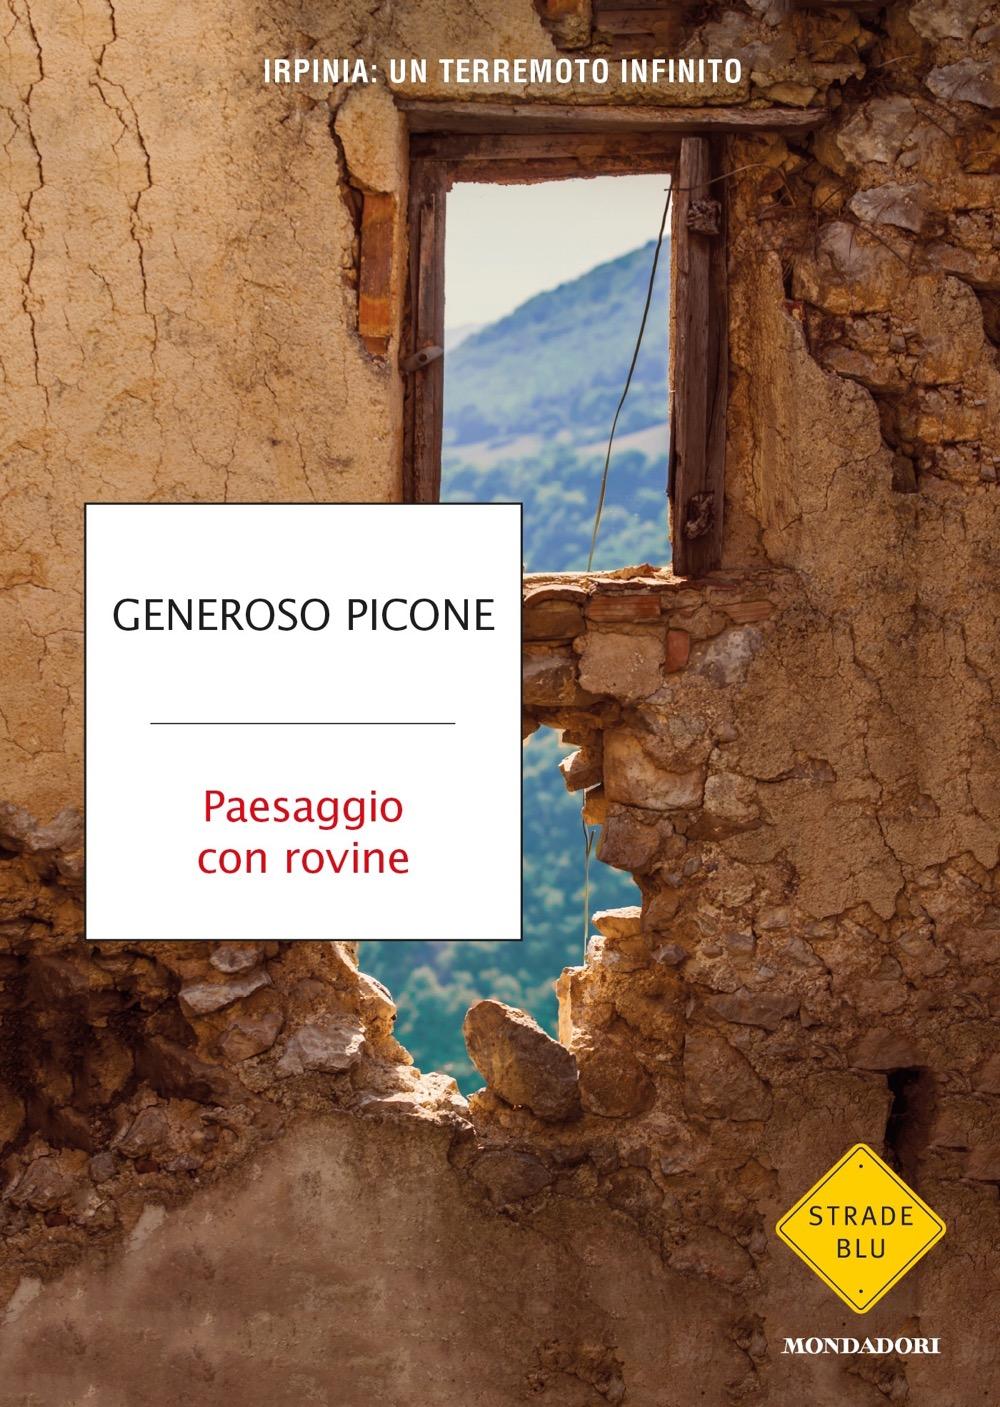 Paesaggio con rovine - Generoso Picone | Libri Mondadori